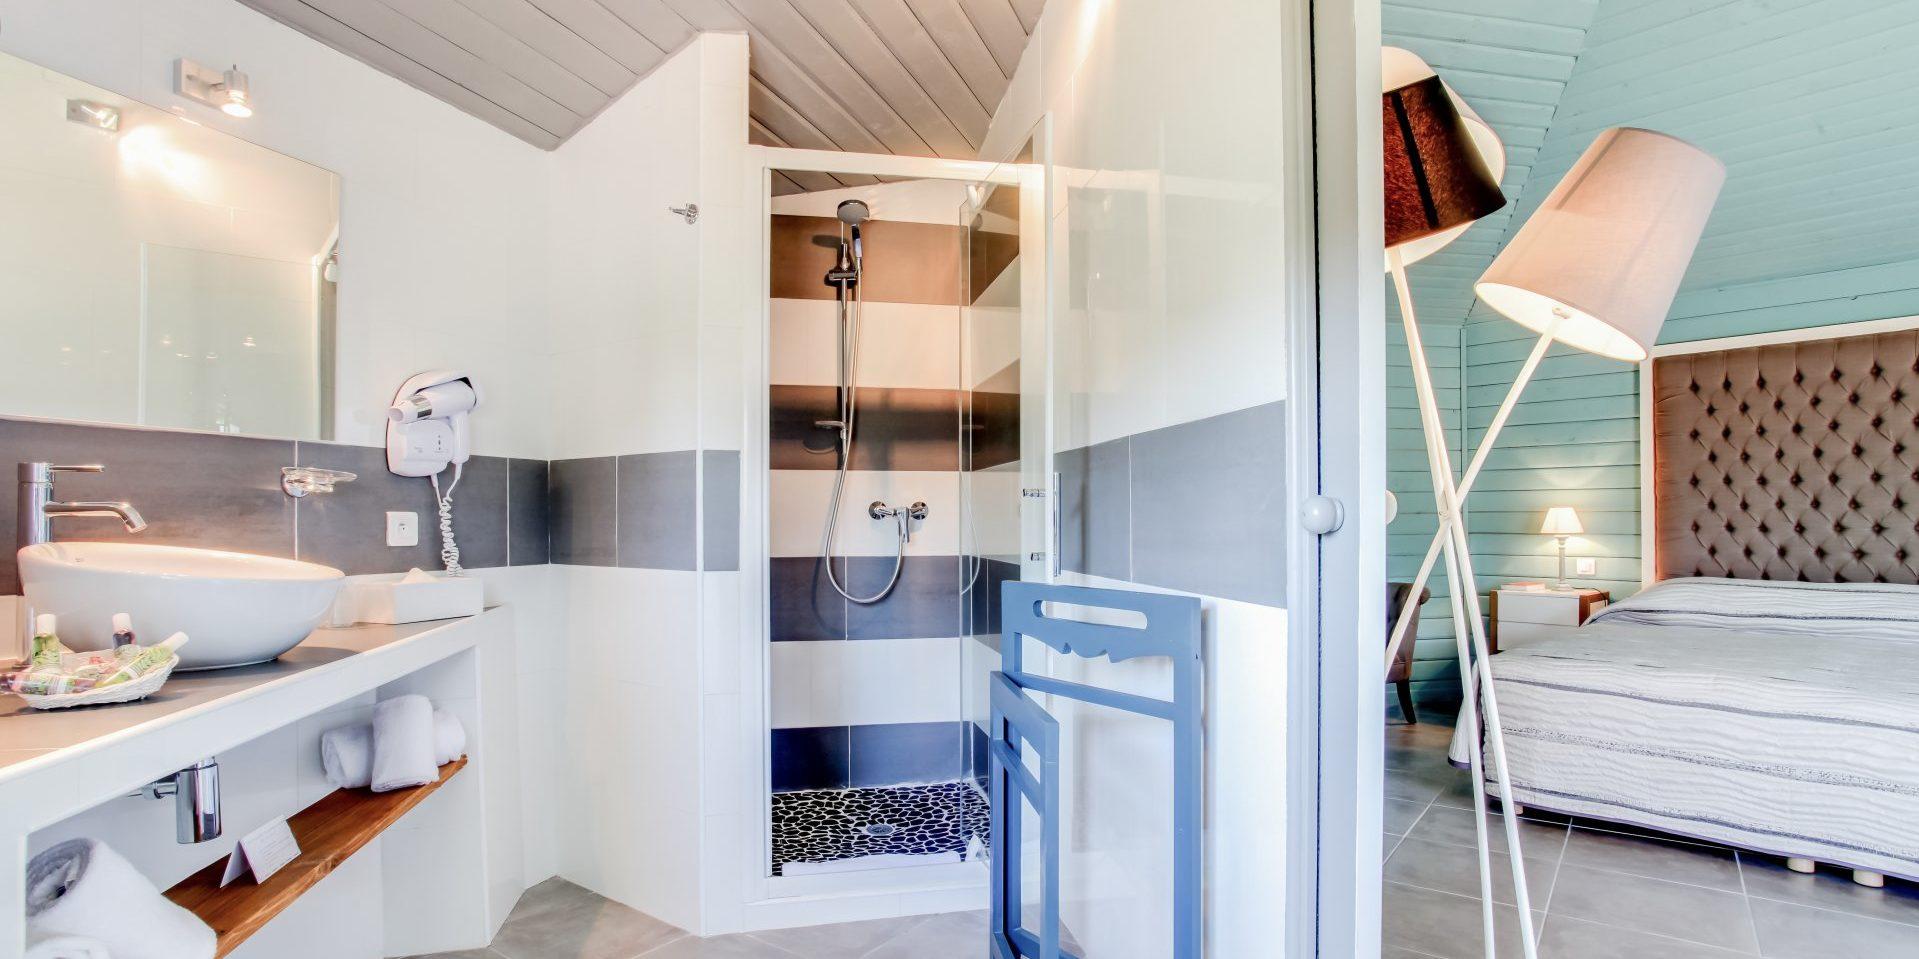 Hotel Le Roc E Fiori Porto-Vecchio Bocca del'Oro Corsica Frankrijk badkamer-en-suite slaapkamer